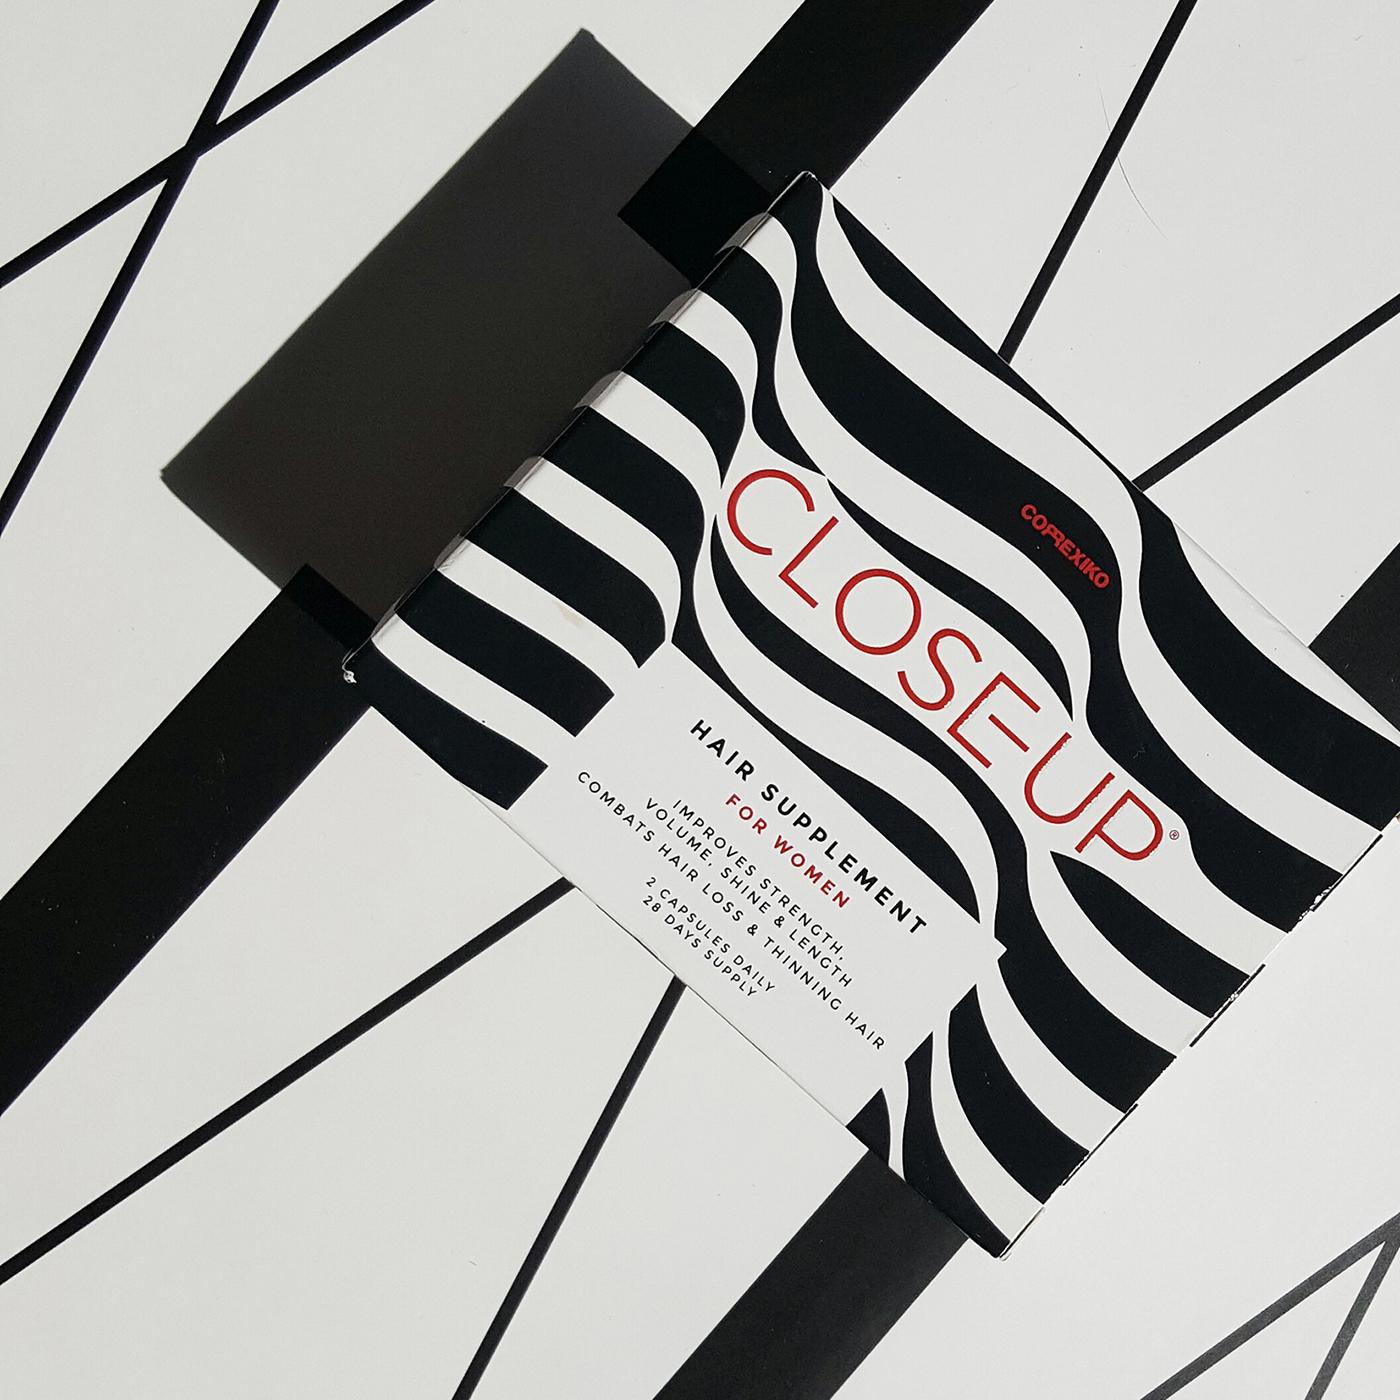 Correxiko Packaging Design